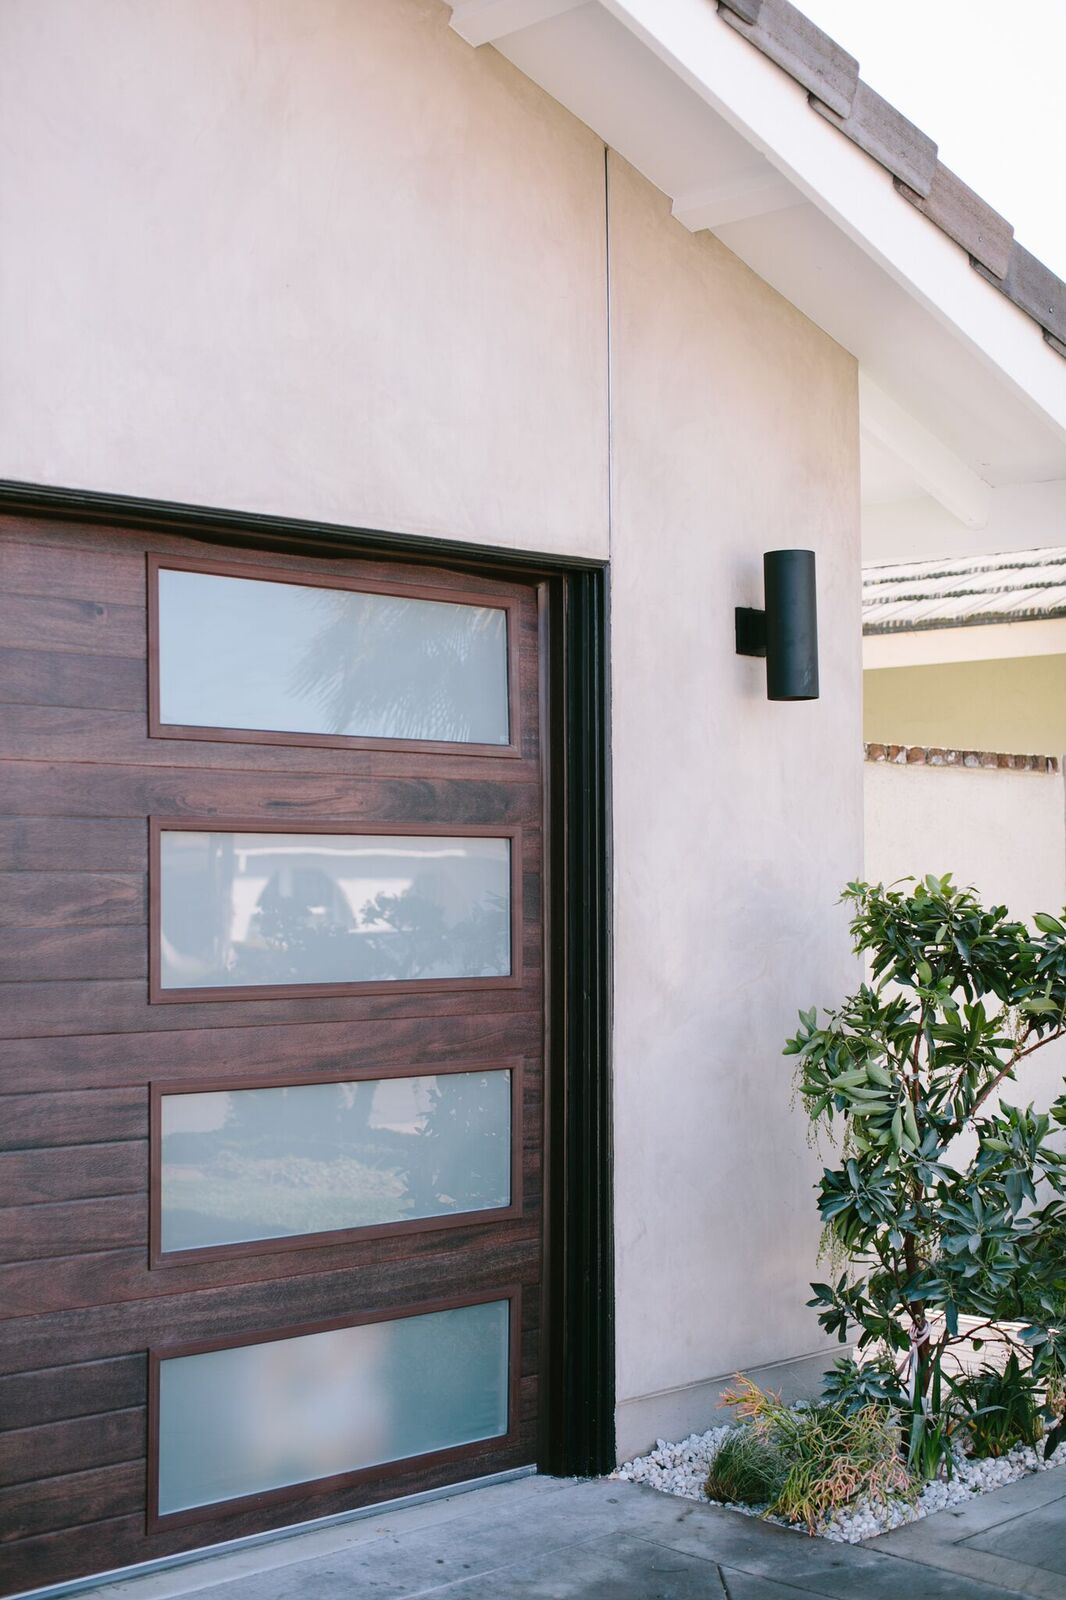 Mid Century Modern Meets Hi Tech With This Custom Garage Door Hiddenpotential Modern Garage Doors Custom Garage Doors Porch Makeover